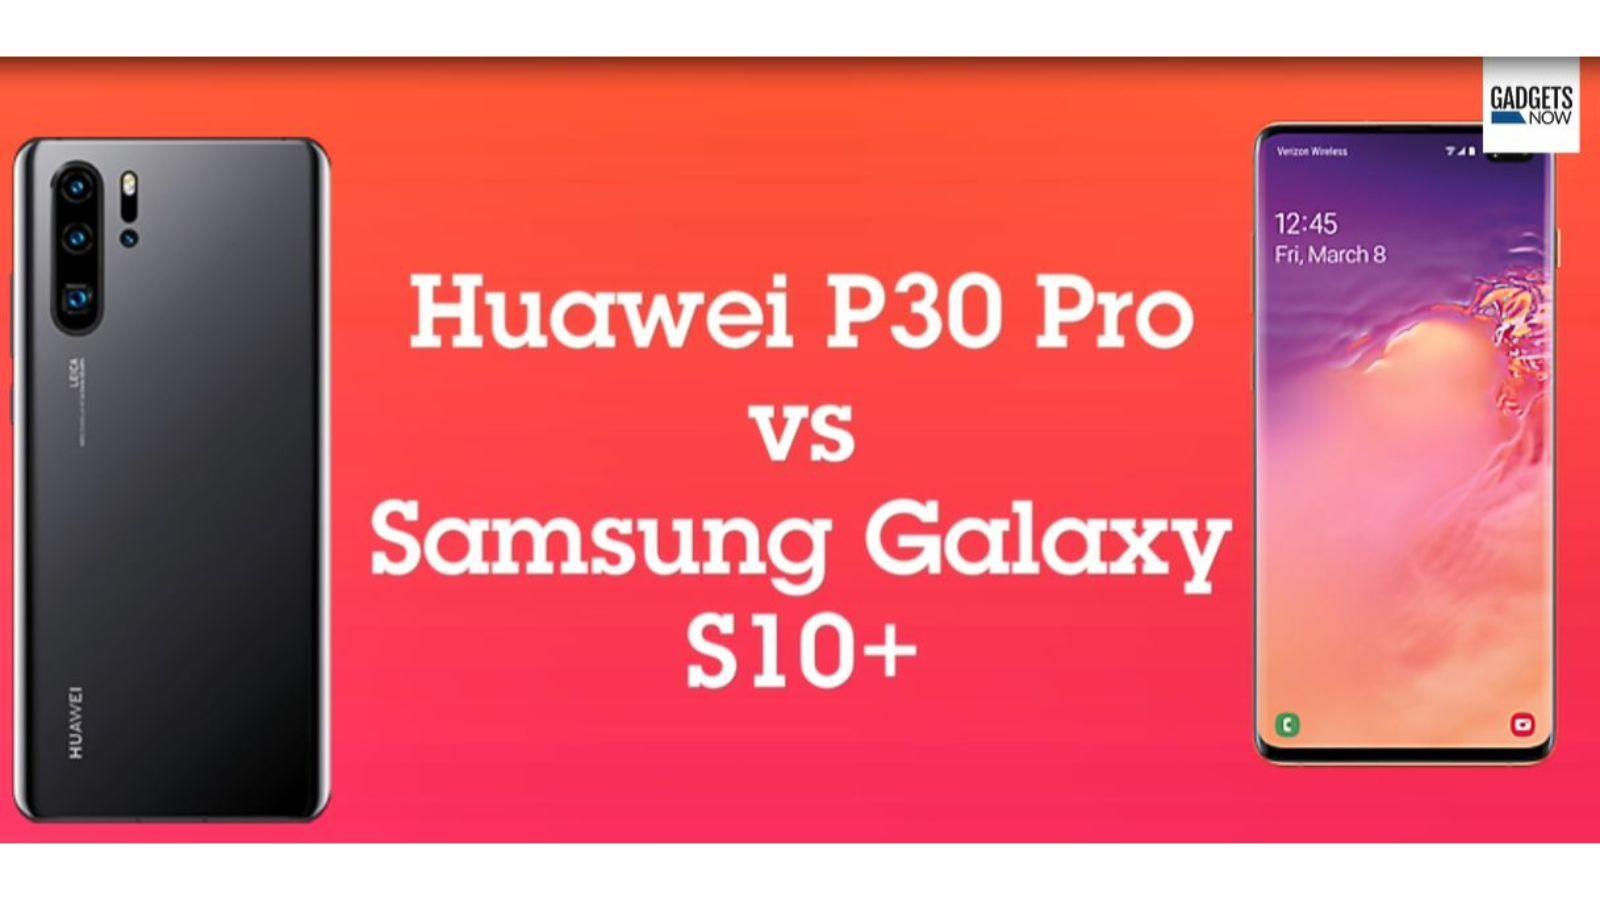 huawei p30 pro vs samsung galaxy s10+: Huawei P30 Pro vs